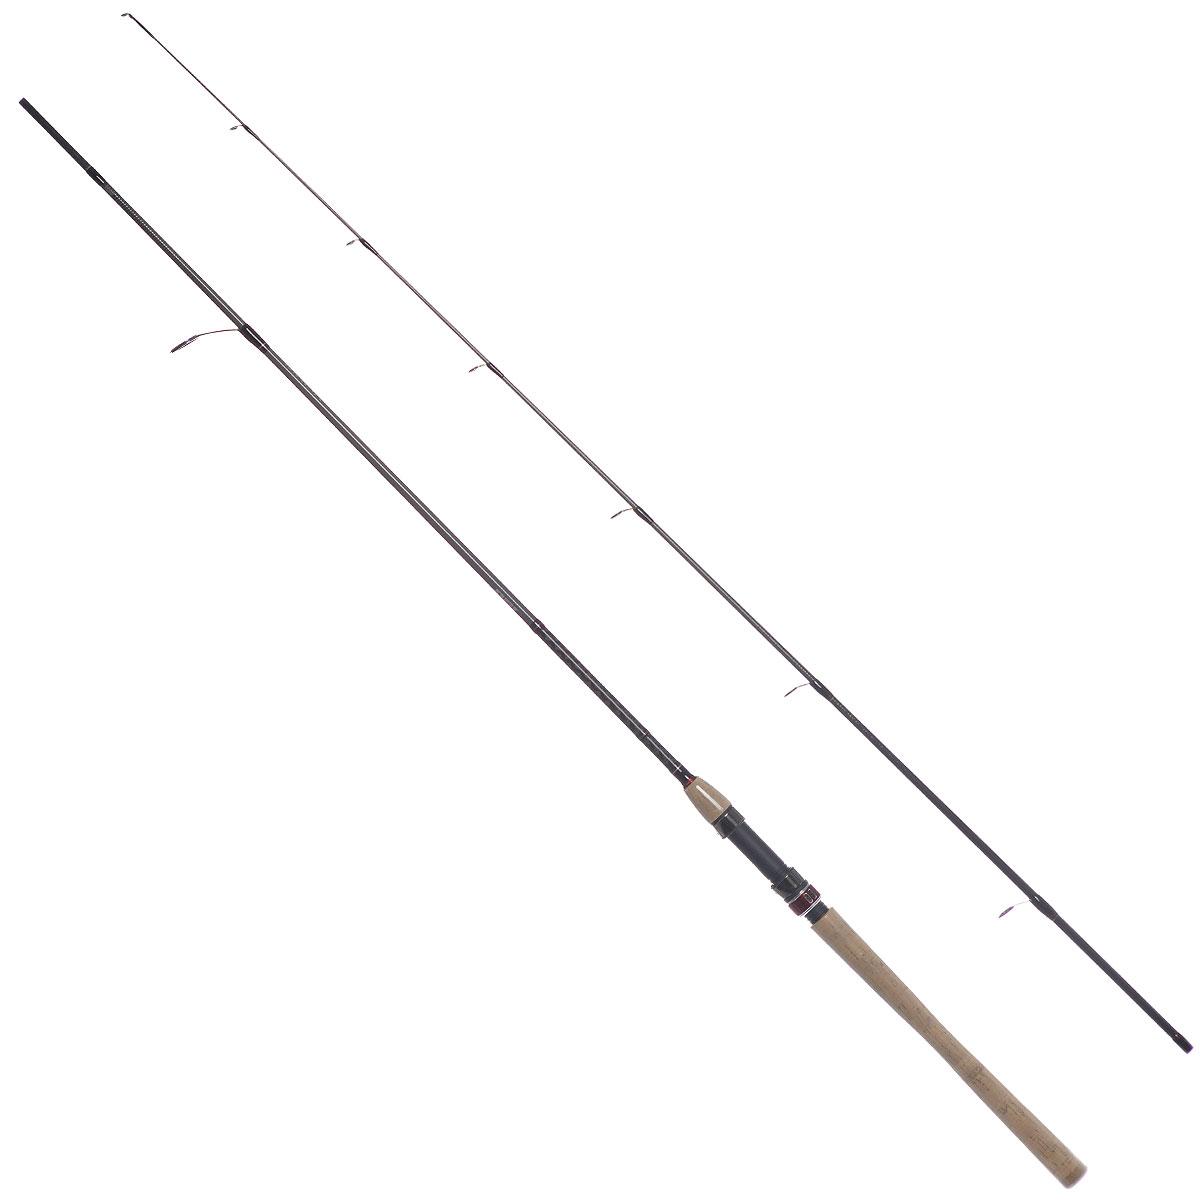 Спиннинг штекерный Daiwa Procaster Spinning, 2,10 м, 3-15 г спиннинг штекерный swd wisdom 2 1 м 3 15 г